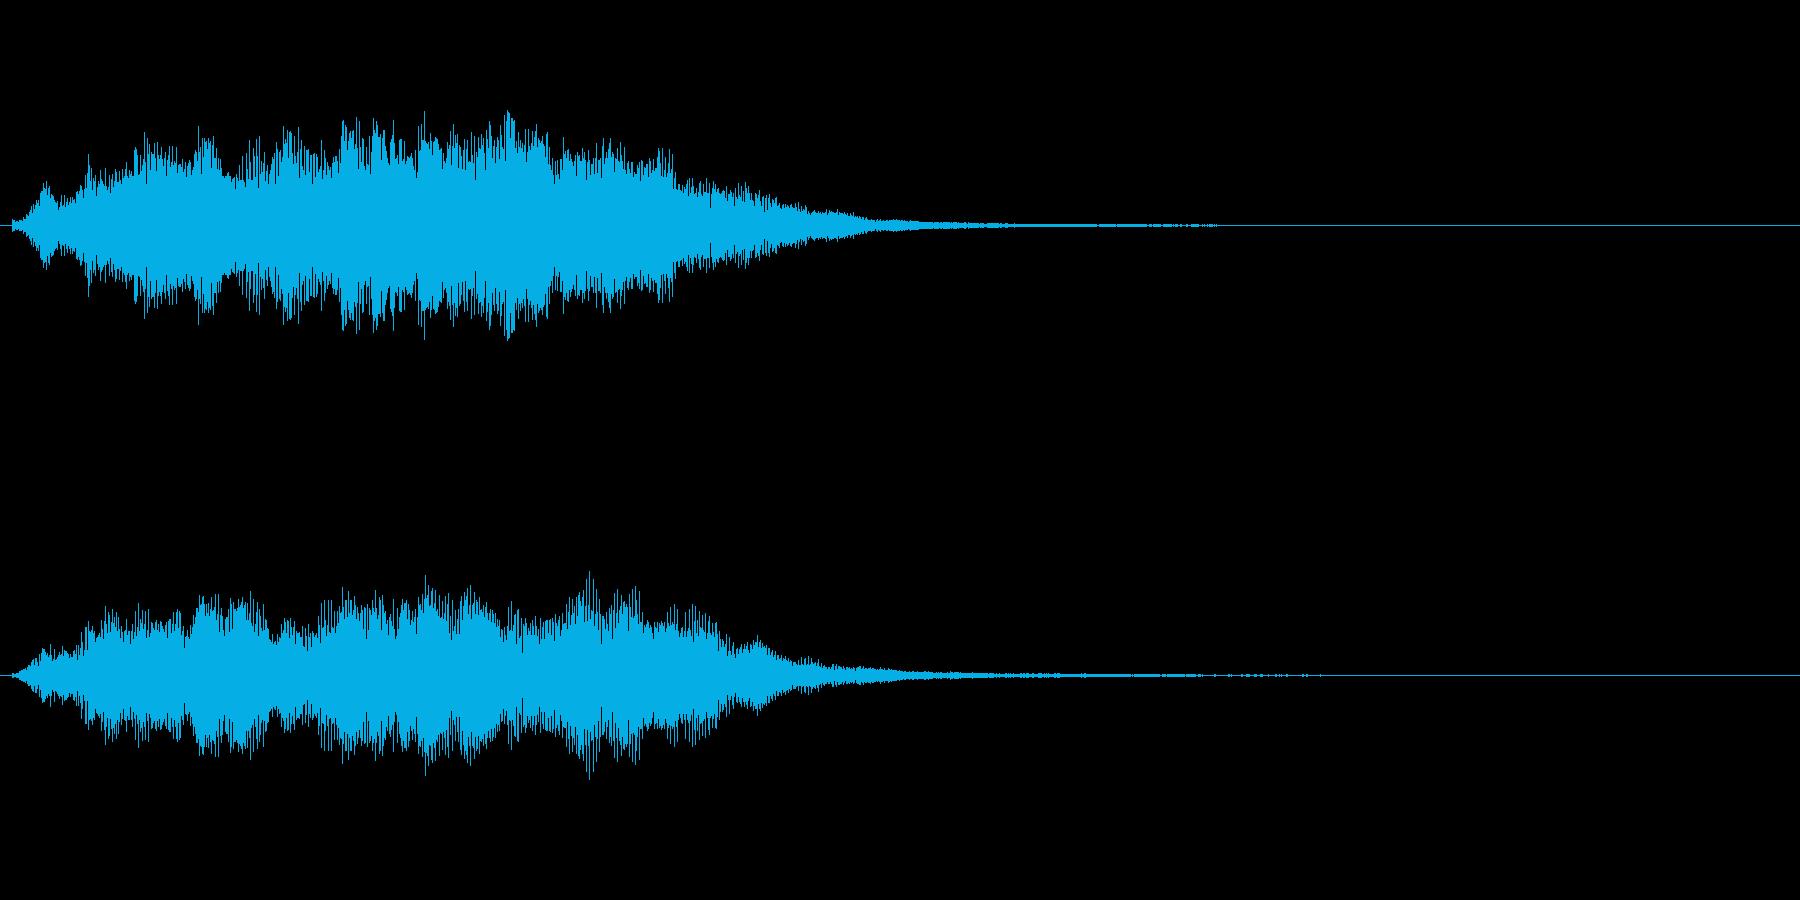 パァァ...(光が差す、感動的)の再生済みの波形